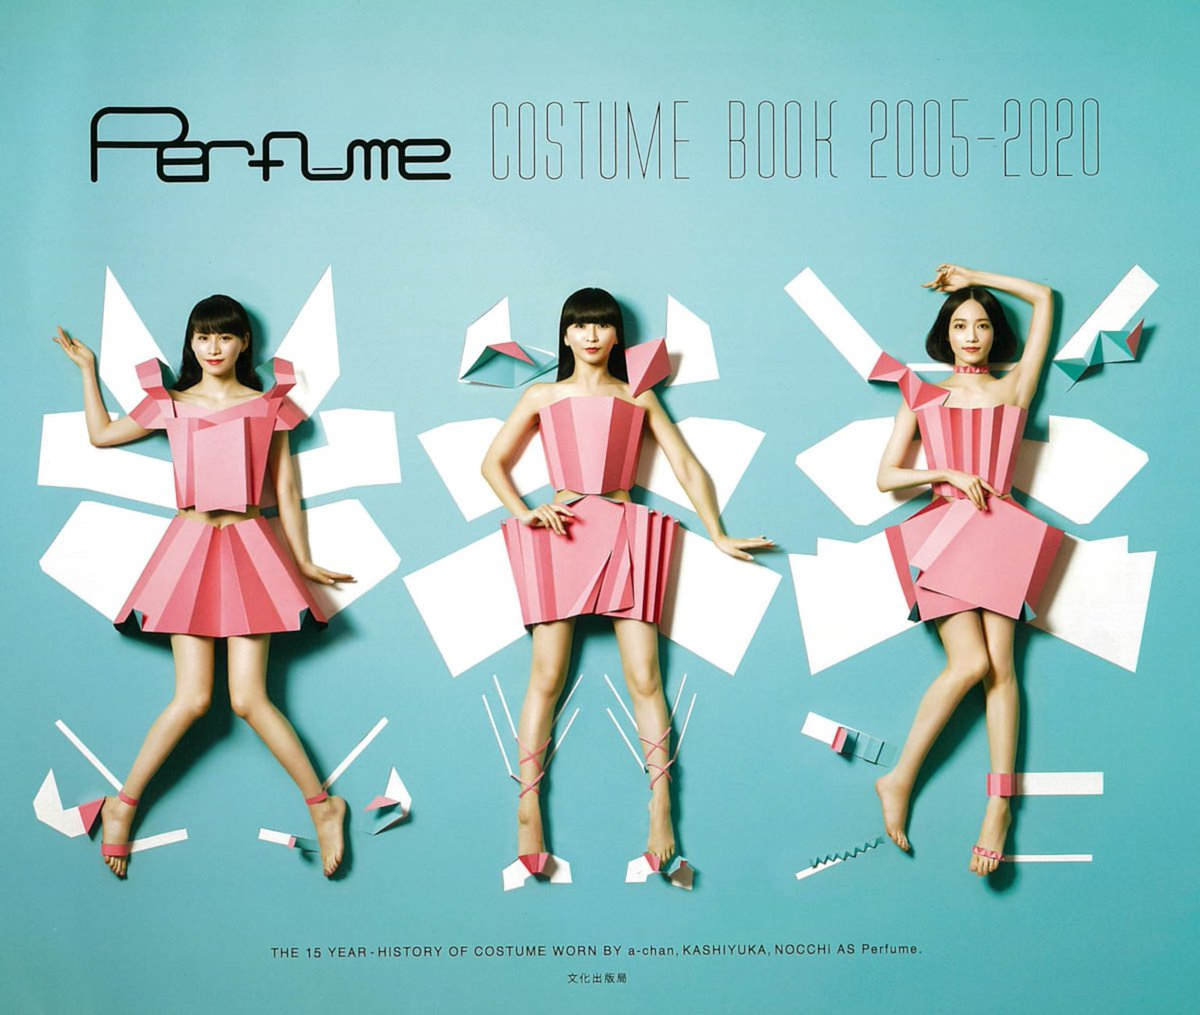 【訂正】Perfumeのデビューから15年分の衣装を紹介するコスチュームブックが発売。保管されていた3人の衣装を計761着を画像付きで解説します。表紙と巻頭ヴィジュアルは吉田ユニが担当。